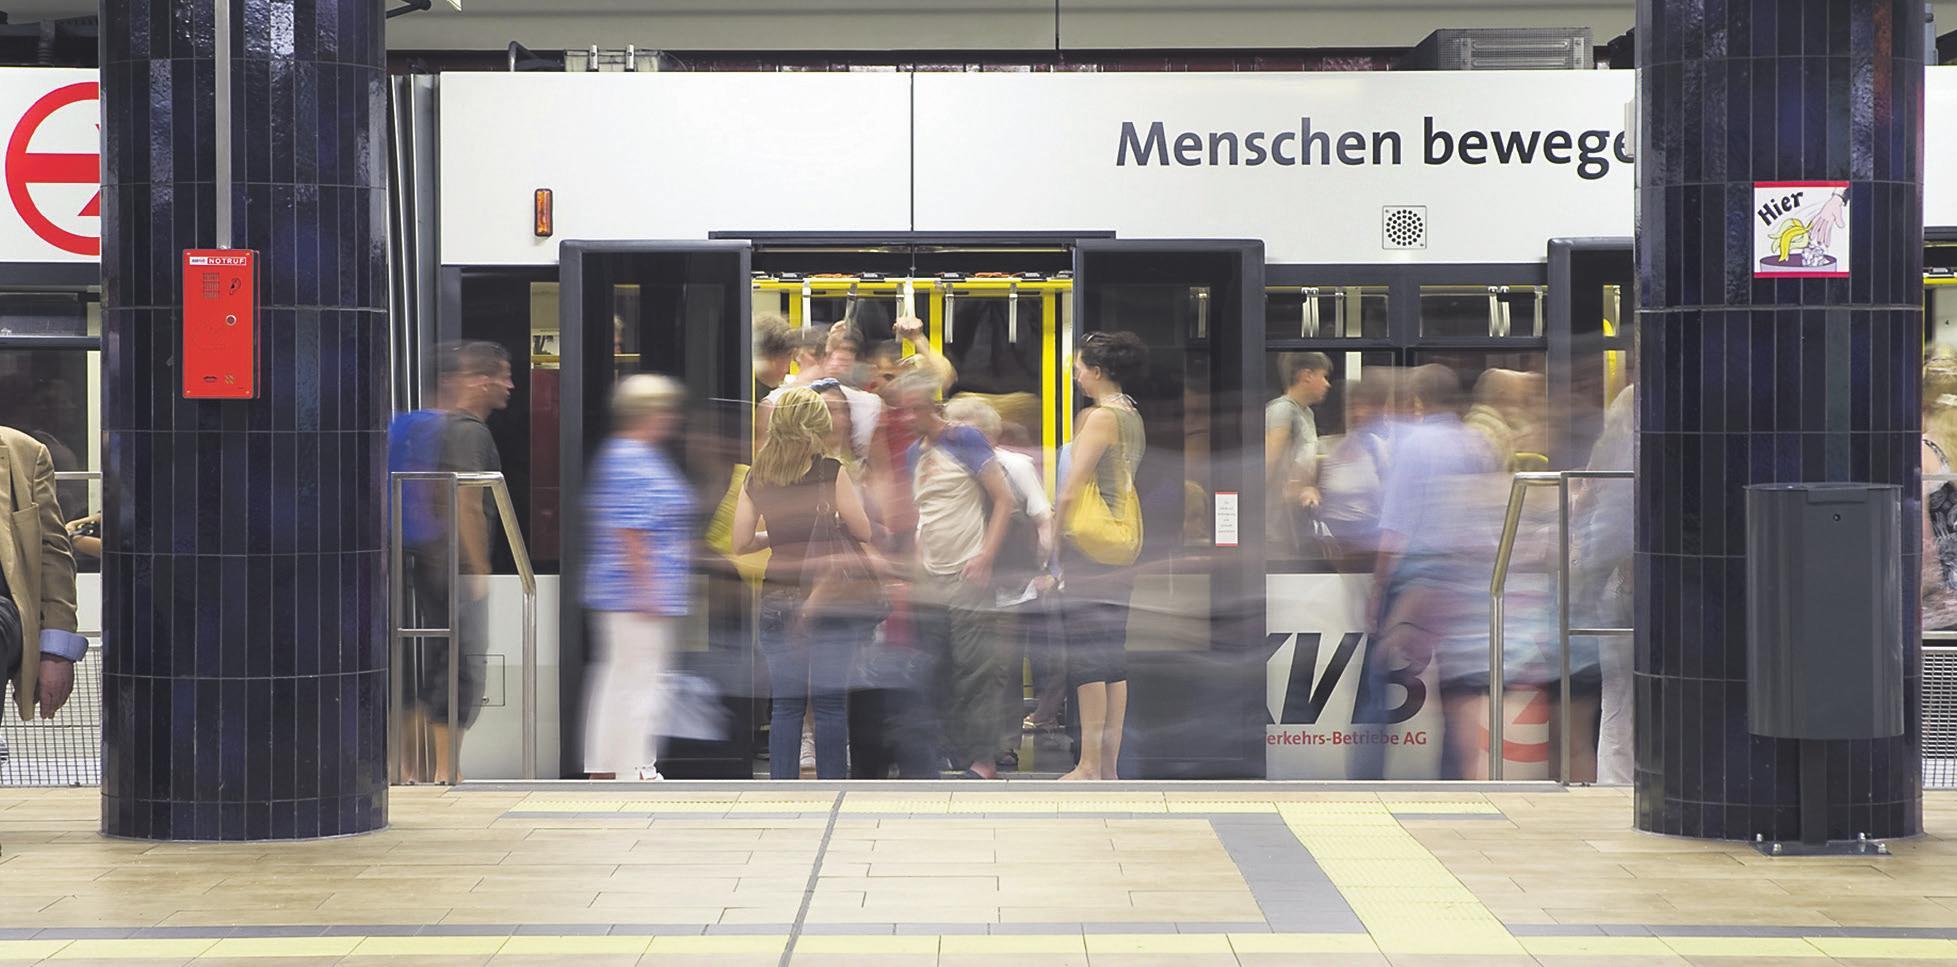 Knapp 286 Millionen Menschen waren 2019 mit Bus und Bahn unterwegs